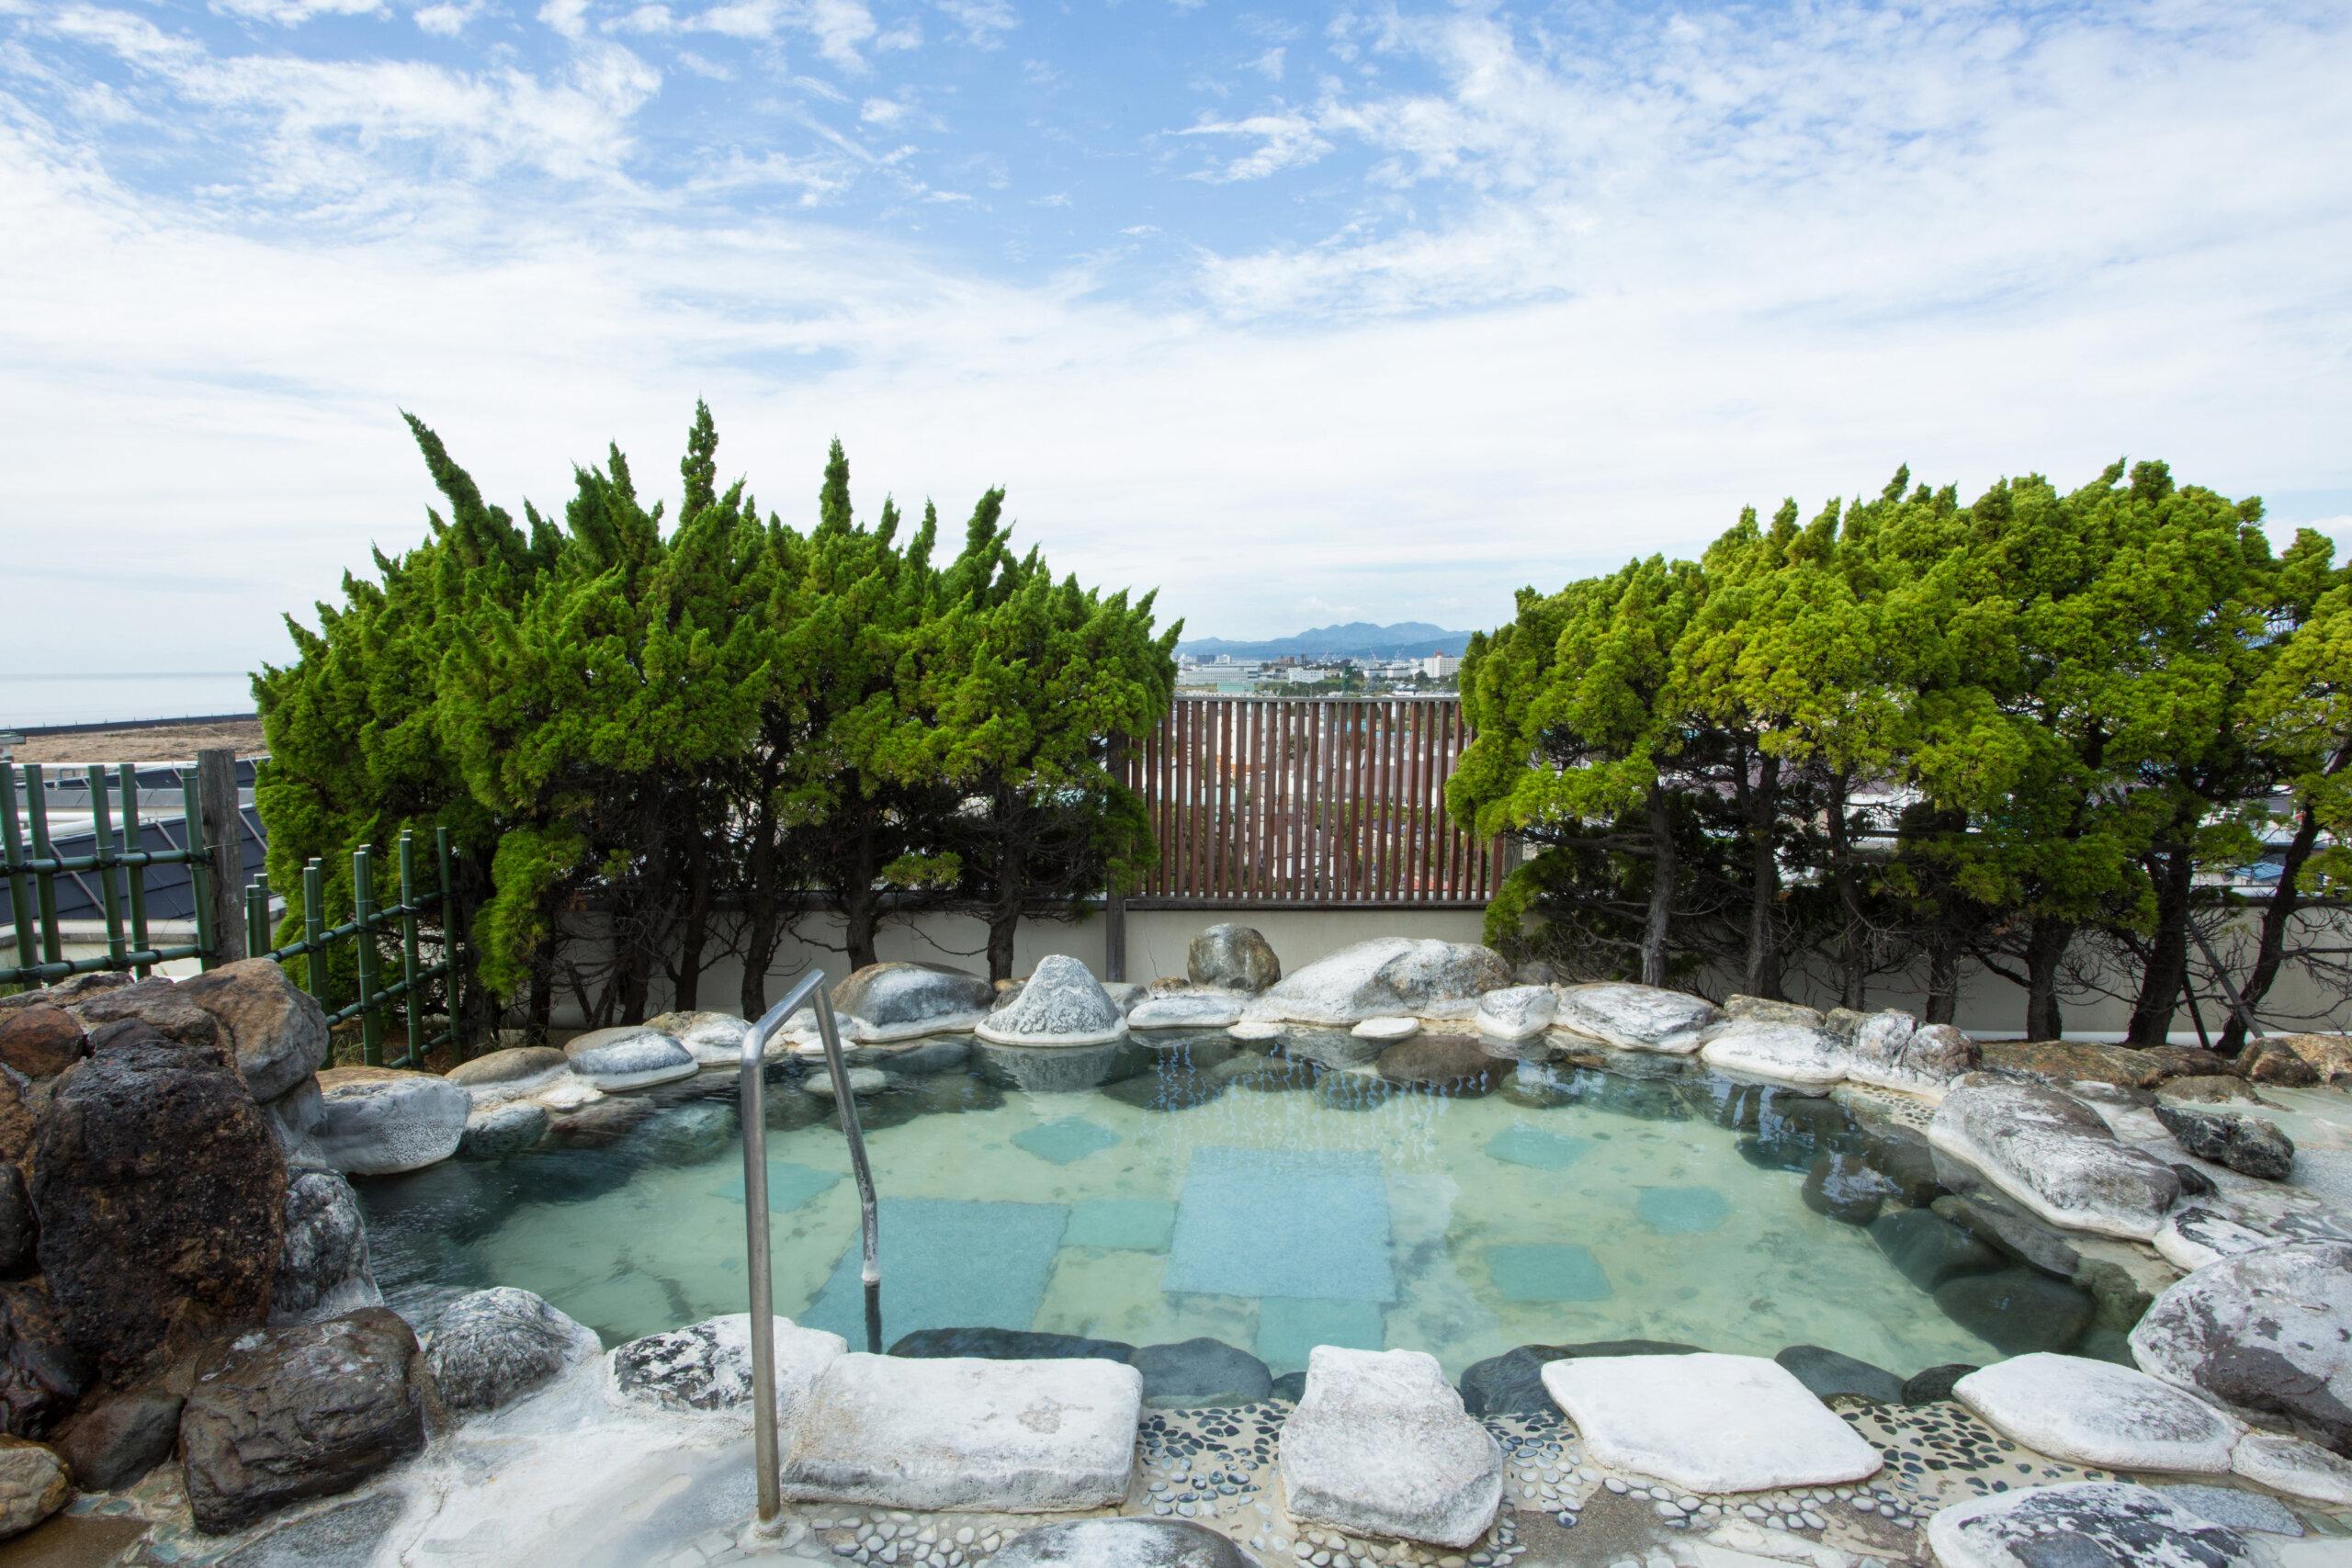 湯元 啄木亭:從頂樓浴池眺望函館的百萬夜景以及海上漁火